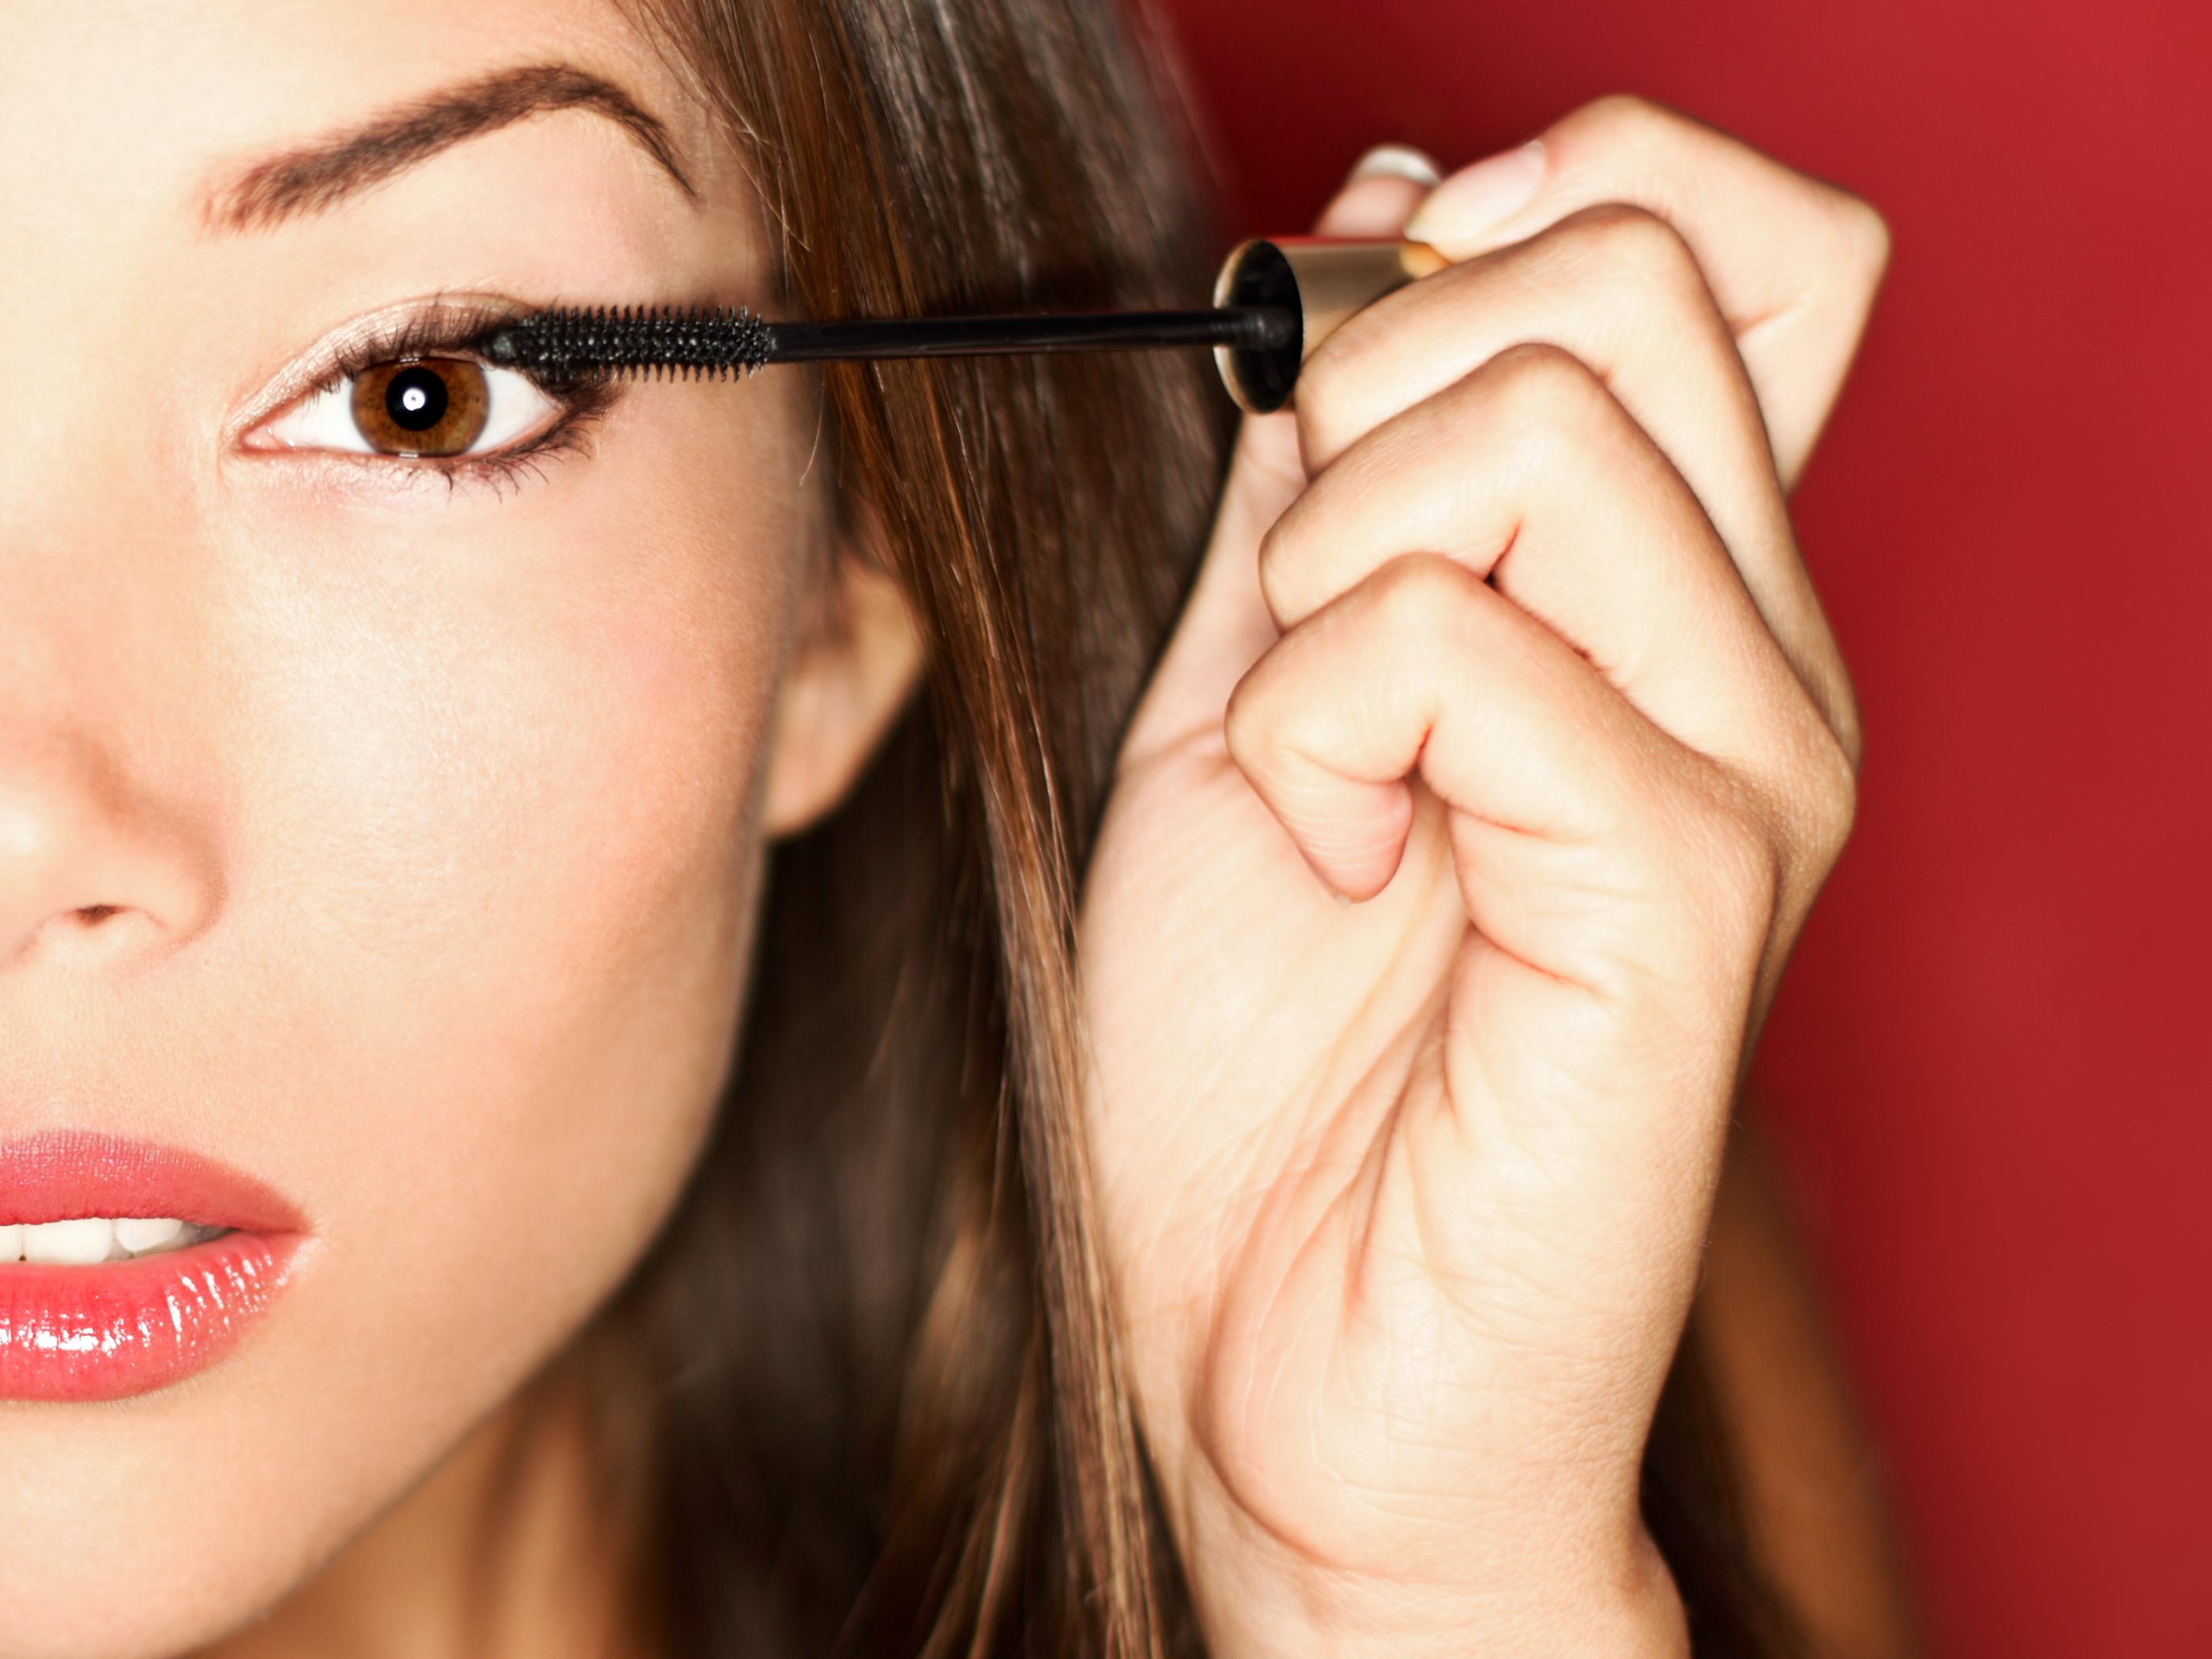 No es que una cara lavada no sea bella, pero un poquito de maquillaje ayuda a resaltar tu belleza natural y a sentirte mejor preparada para enfrentar el día.